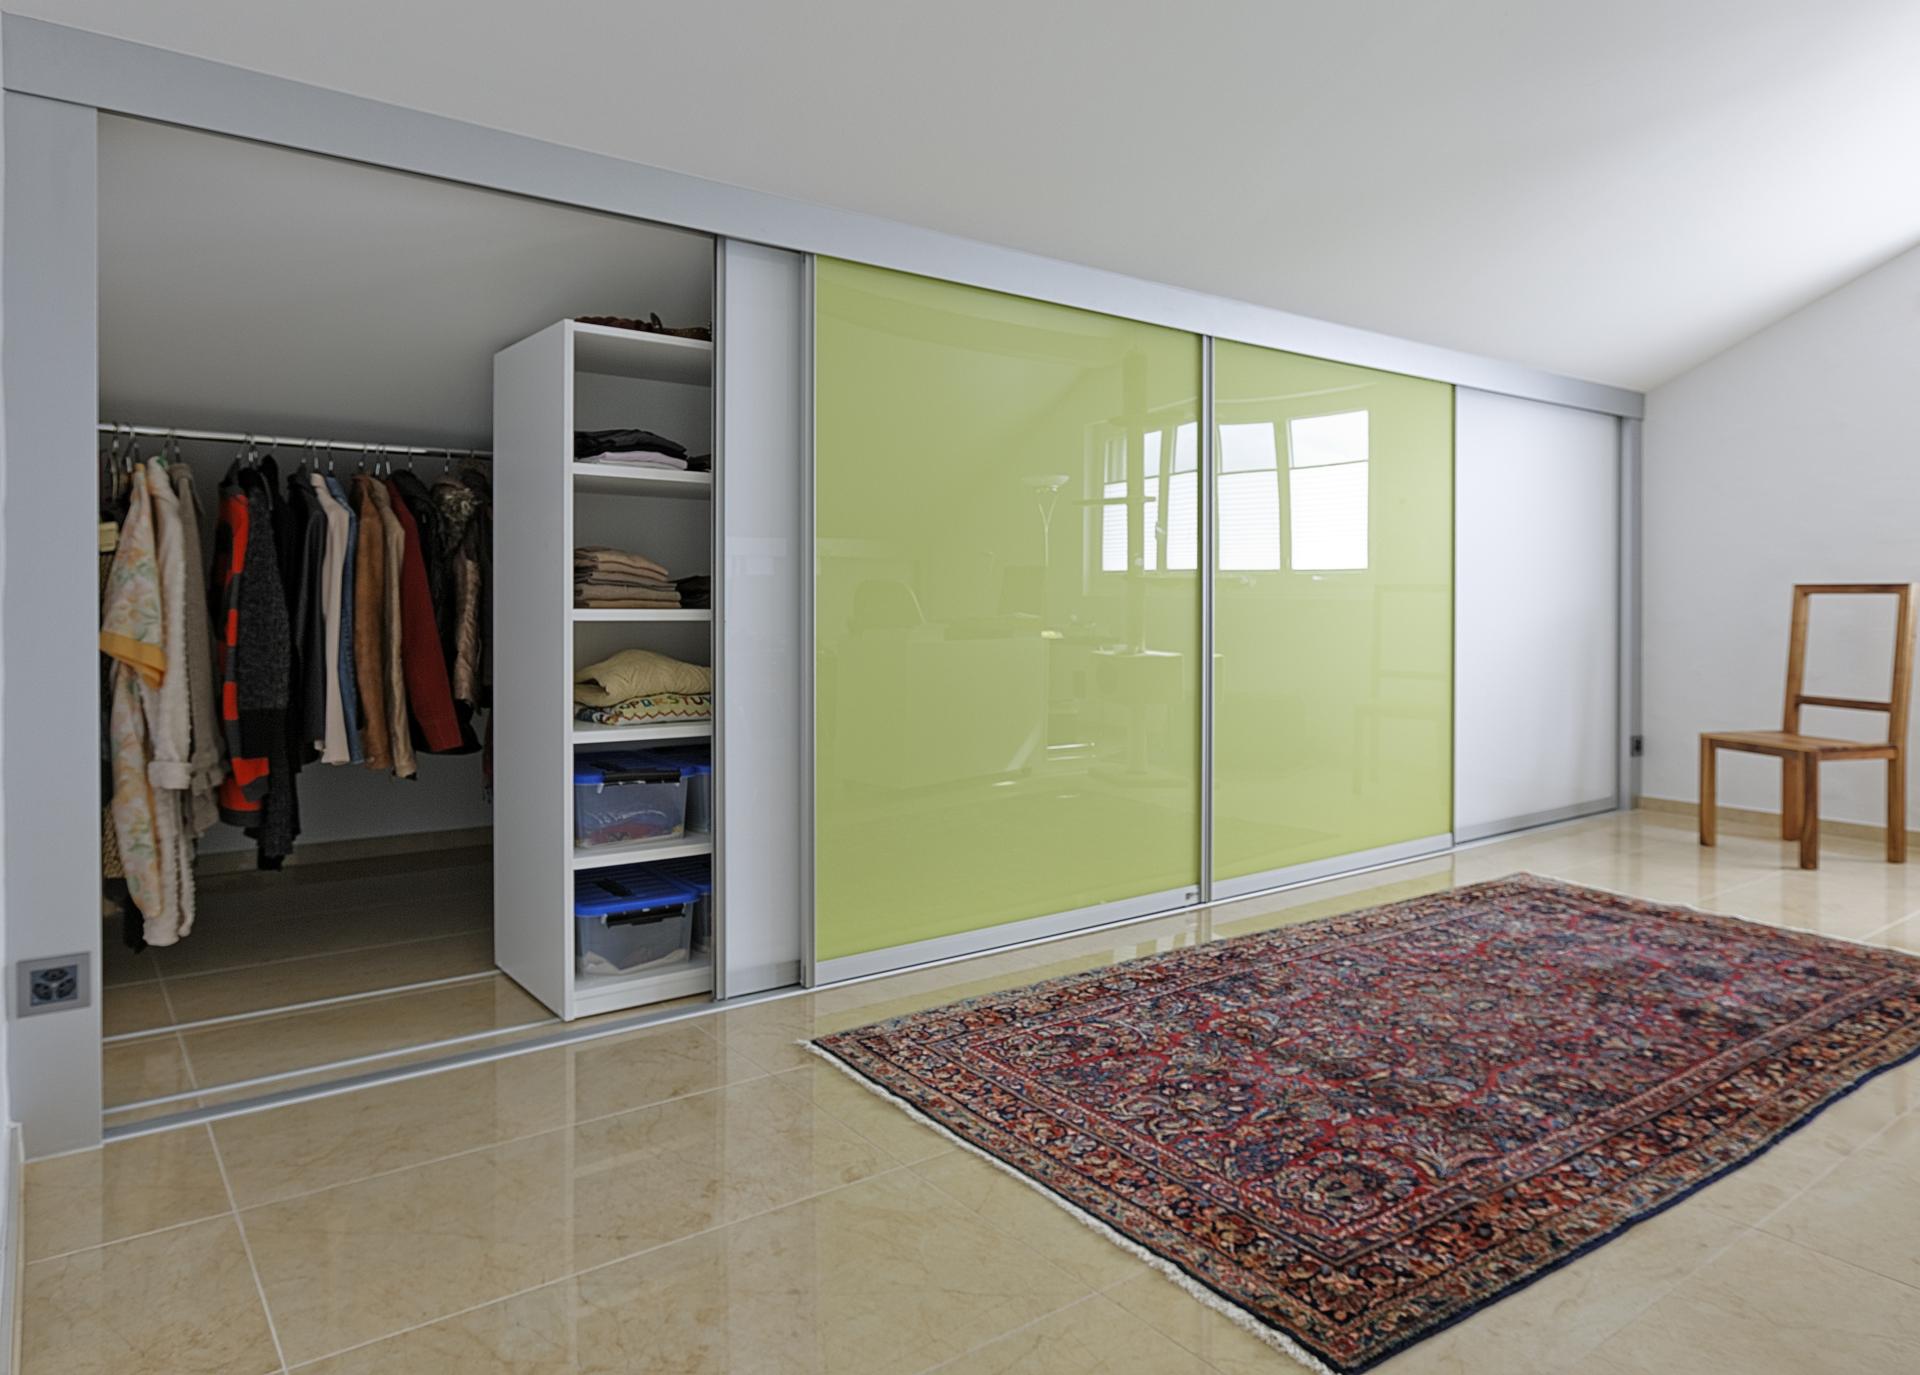 doppelt tiefer kleiderschrank durch schieberegale auf zu. Black Bedroom Furniture Sets. Home Design Ideas